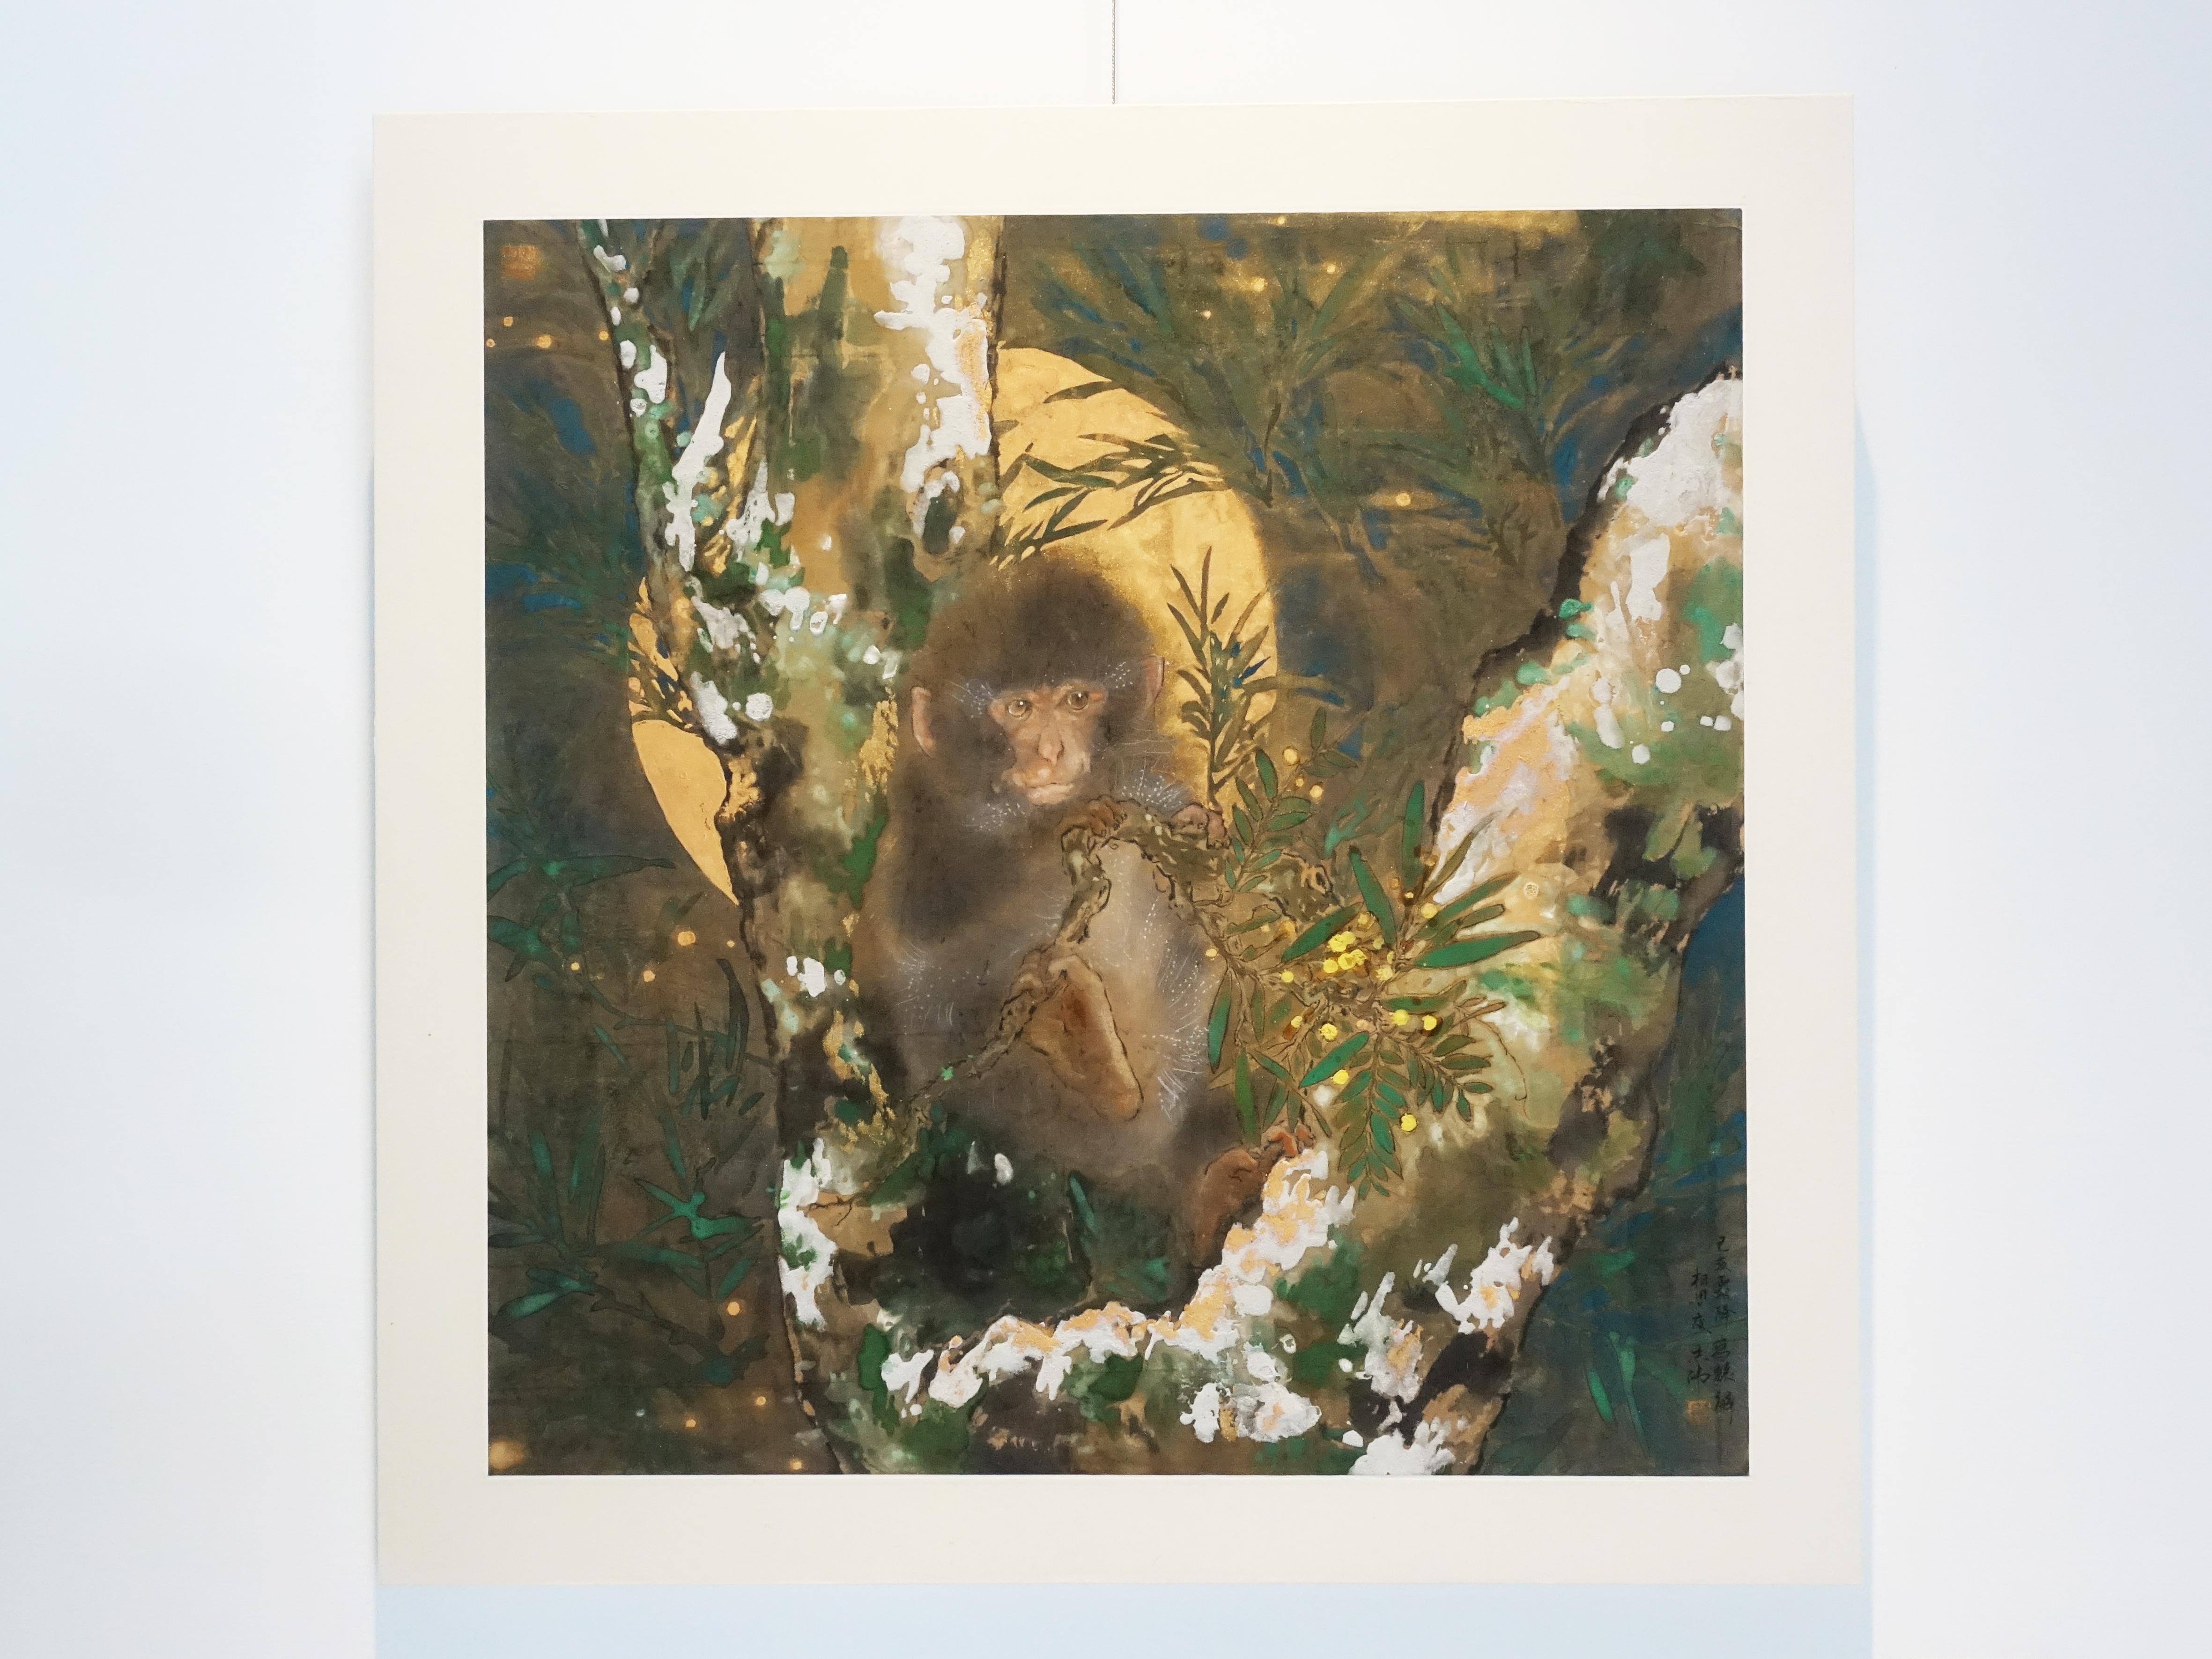 方志偉,《相思夜猿》,57 x 57 cm,絹本設色,2019。